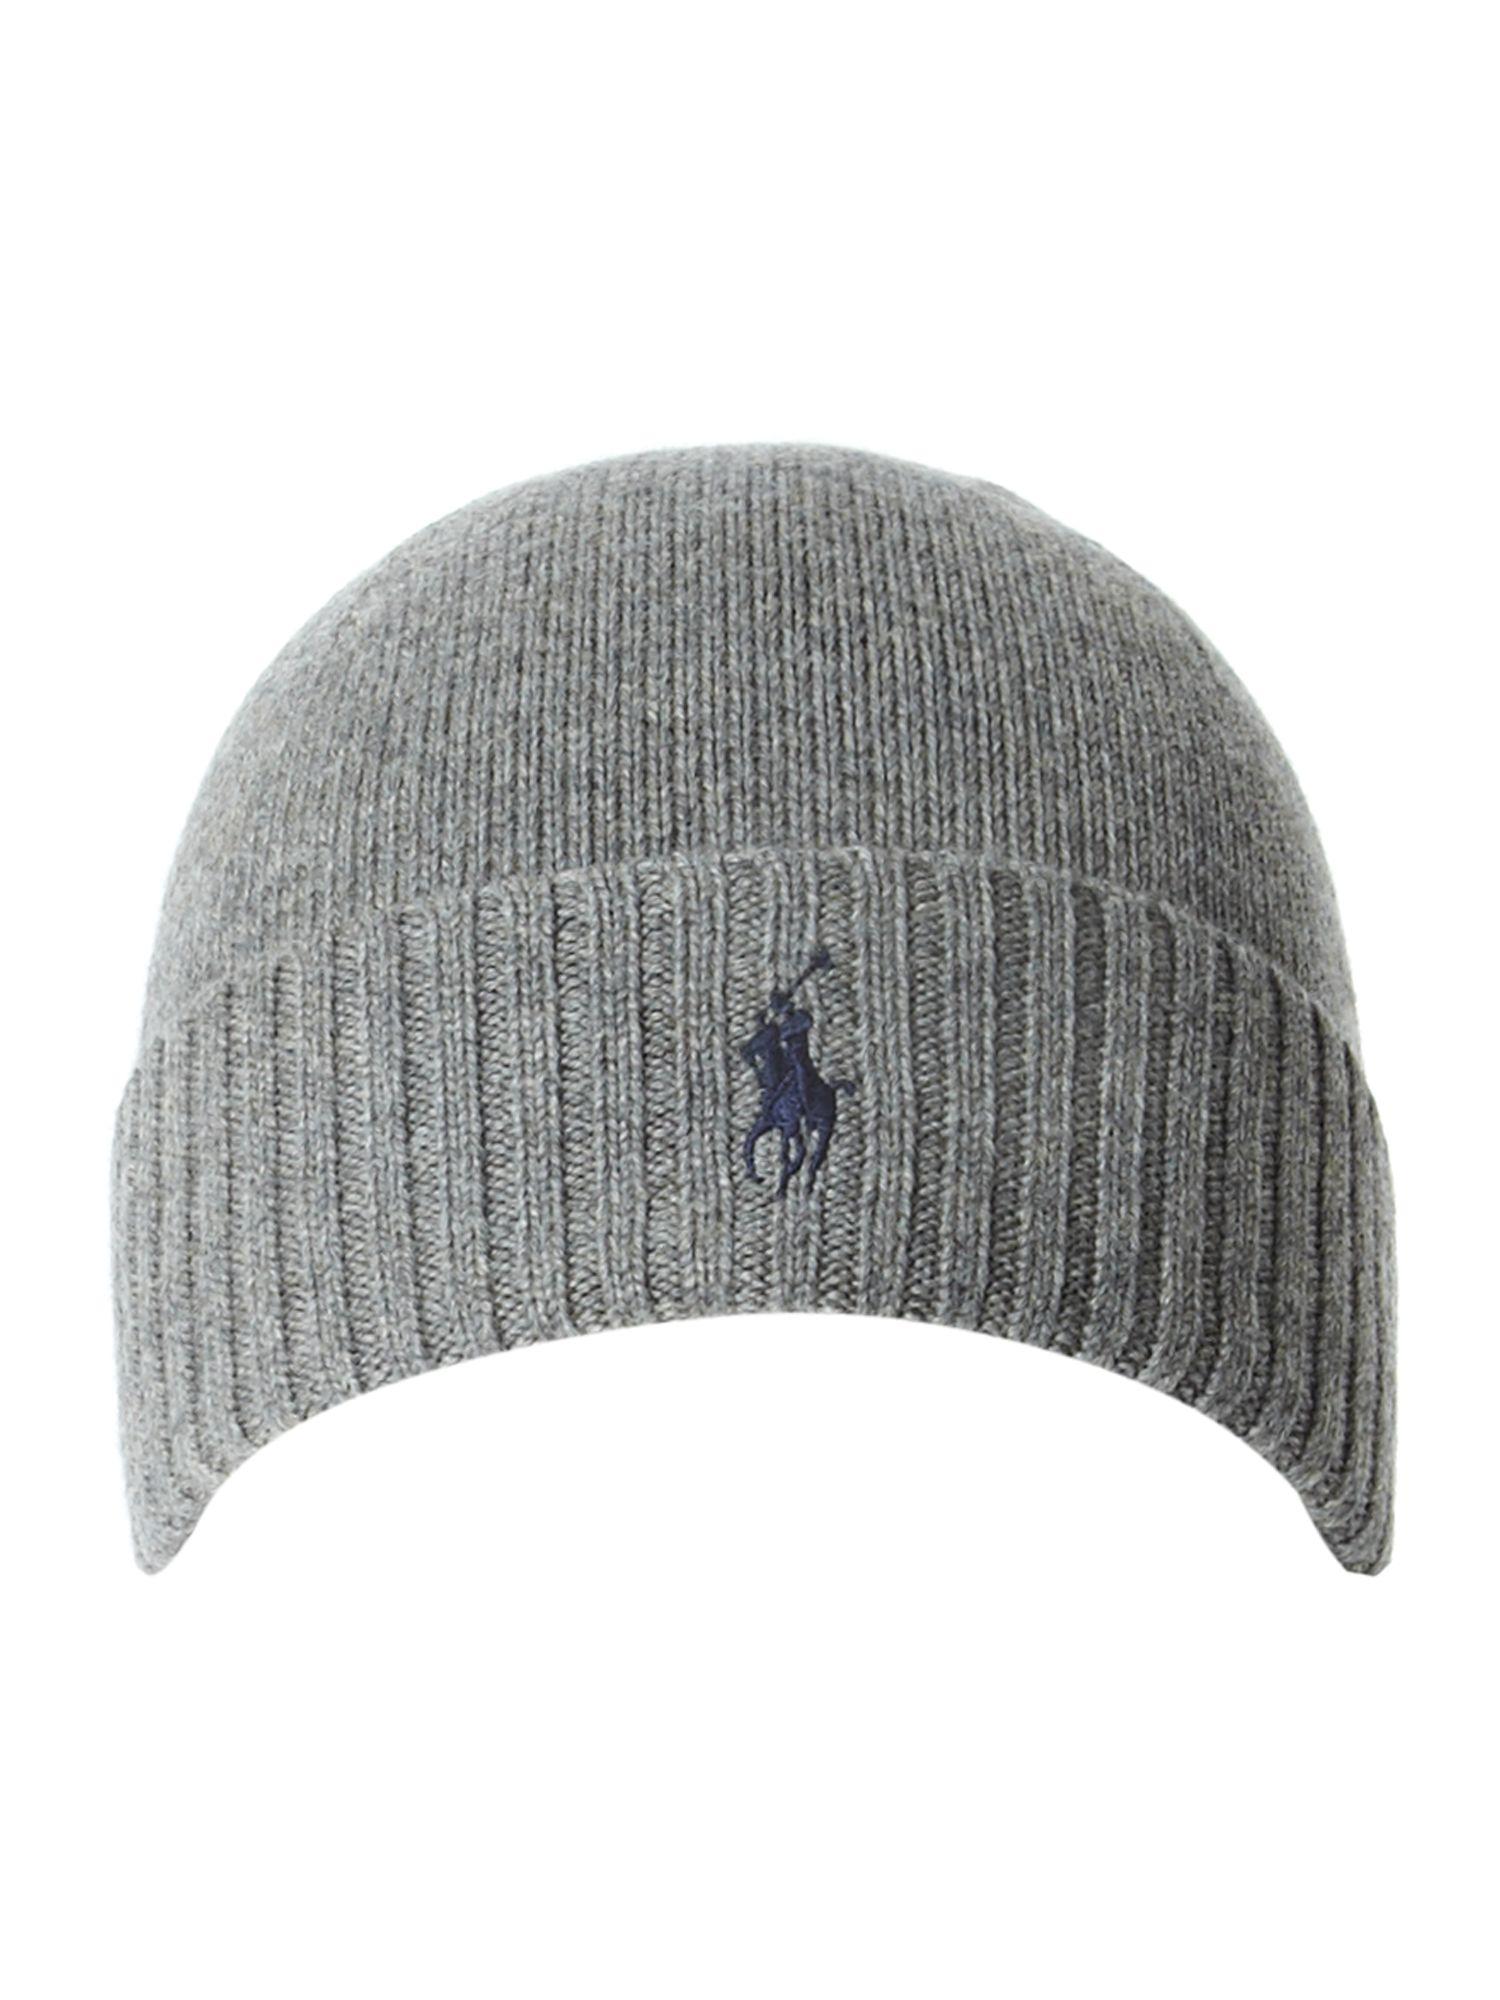 631ec9097e3d8 Wool Polo Ralph Lauren Hat Sale - Parchment N Lead